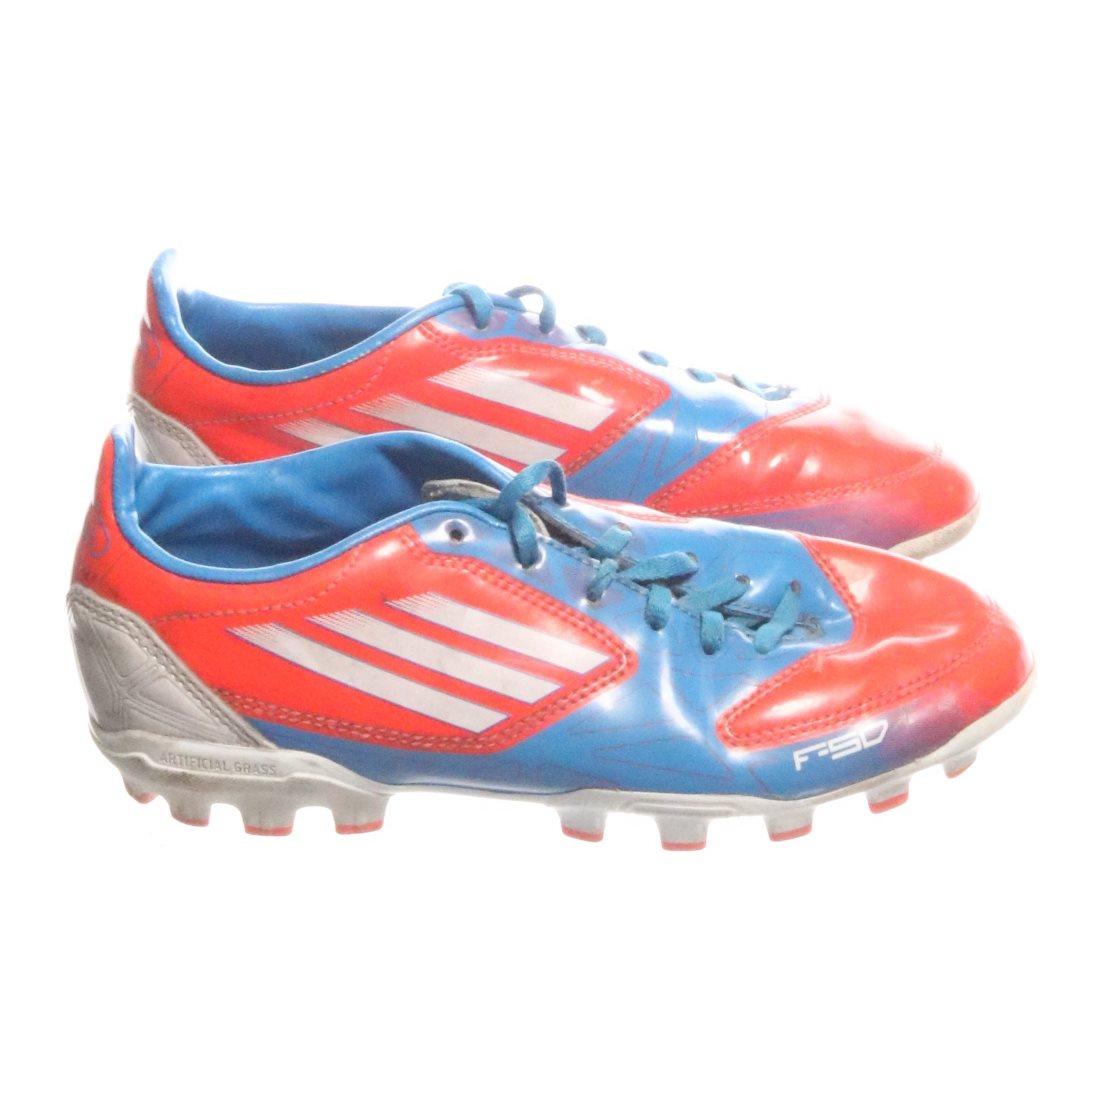 buy online 9c717 45033 Adidas, Fotbollsskor, Strl  35, Röd Blå Vit